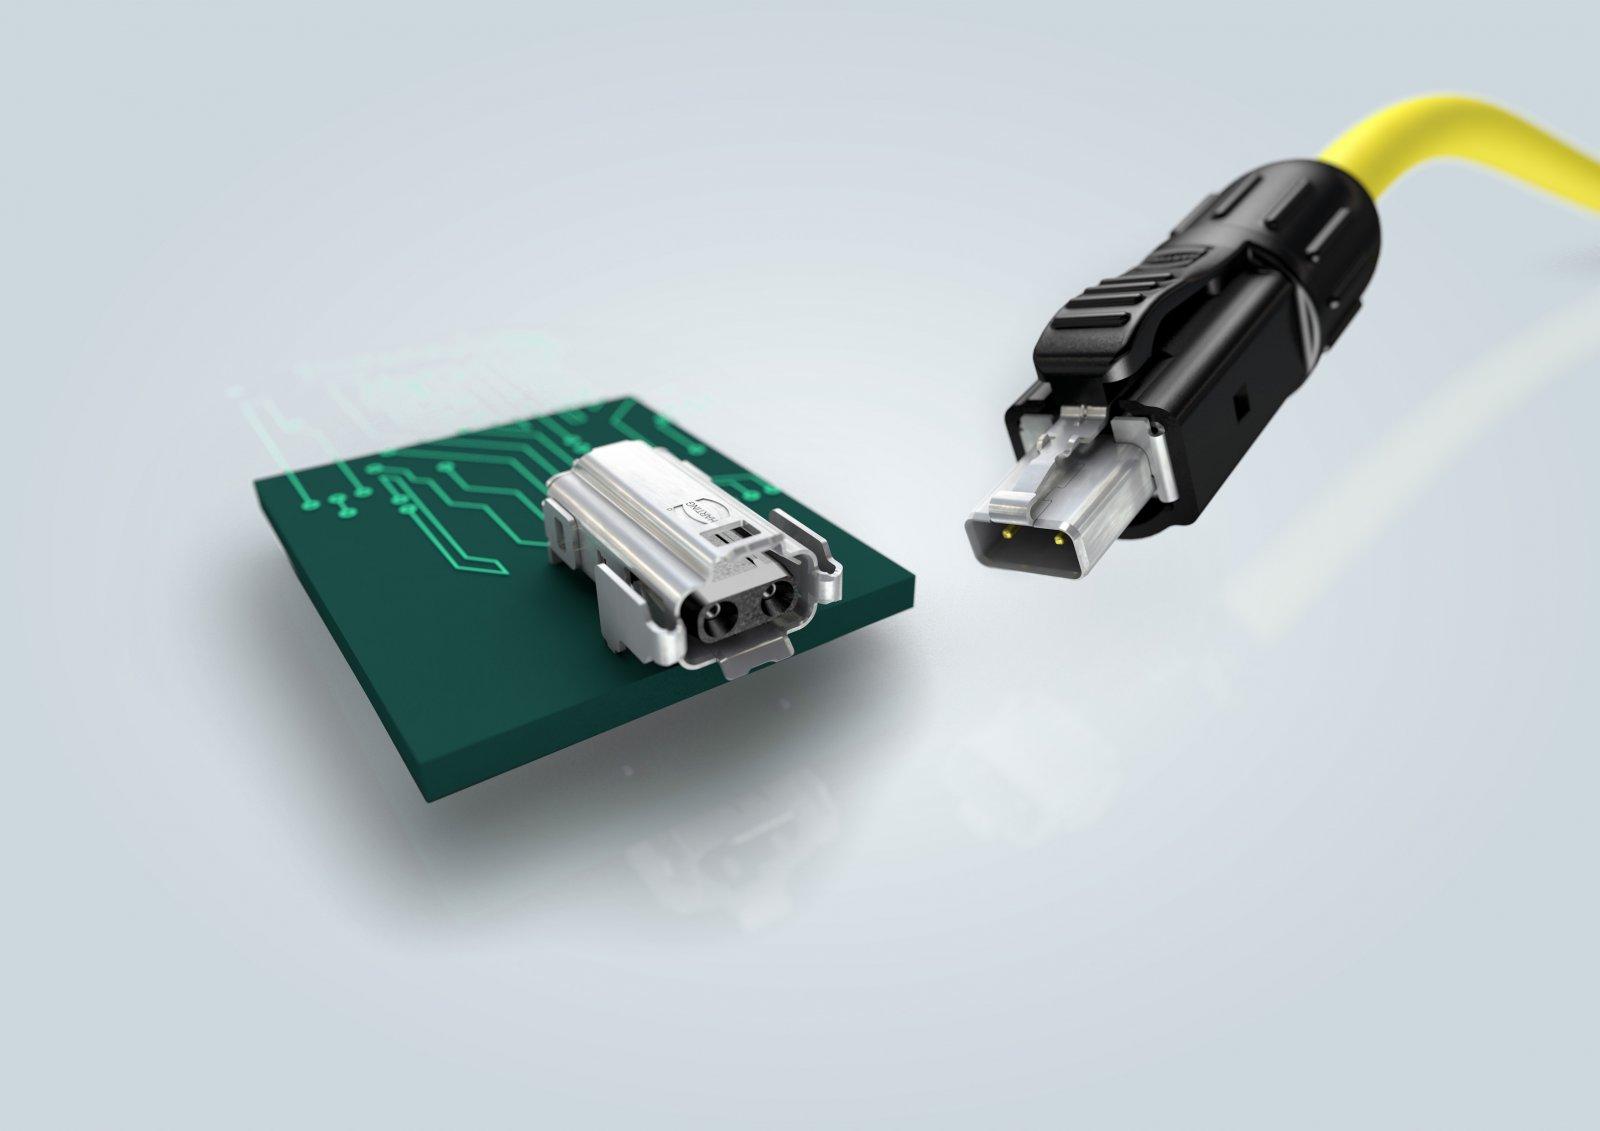 Соединитель HARTING T1 Industrial для технологии SPE был удостоен награды German Innovation Award 2020